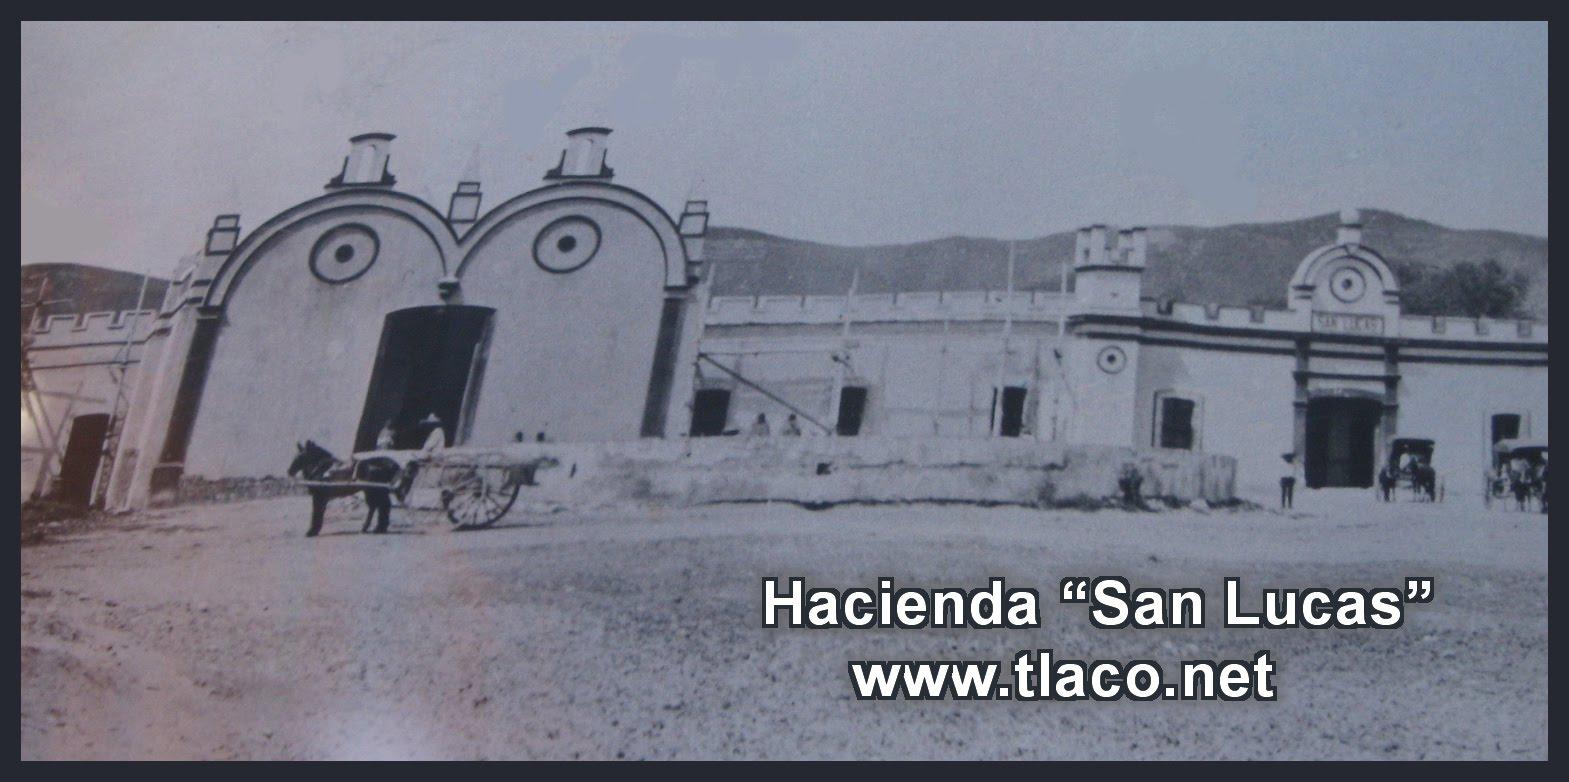 Ex-hacienda San Lucas en Palmillas, Tlacotepec Puebla